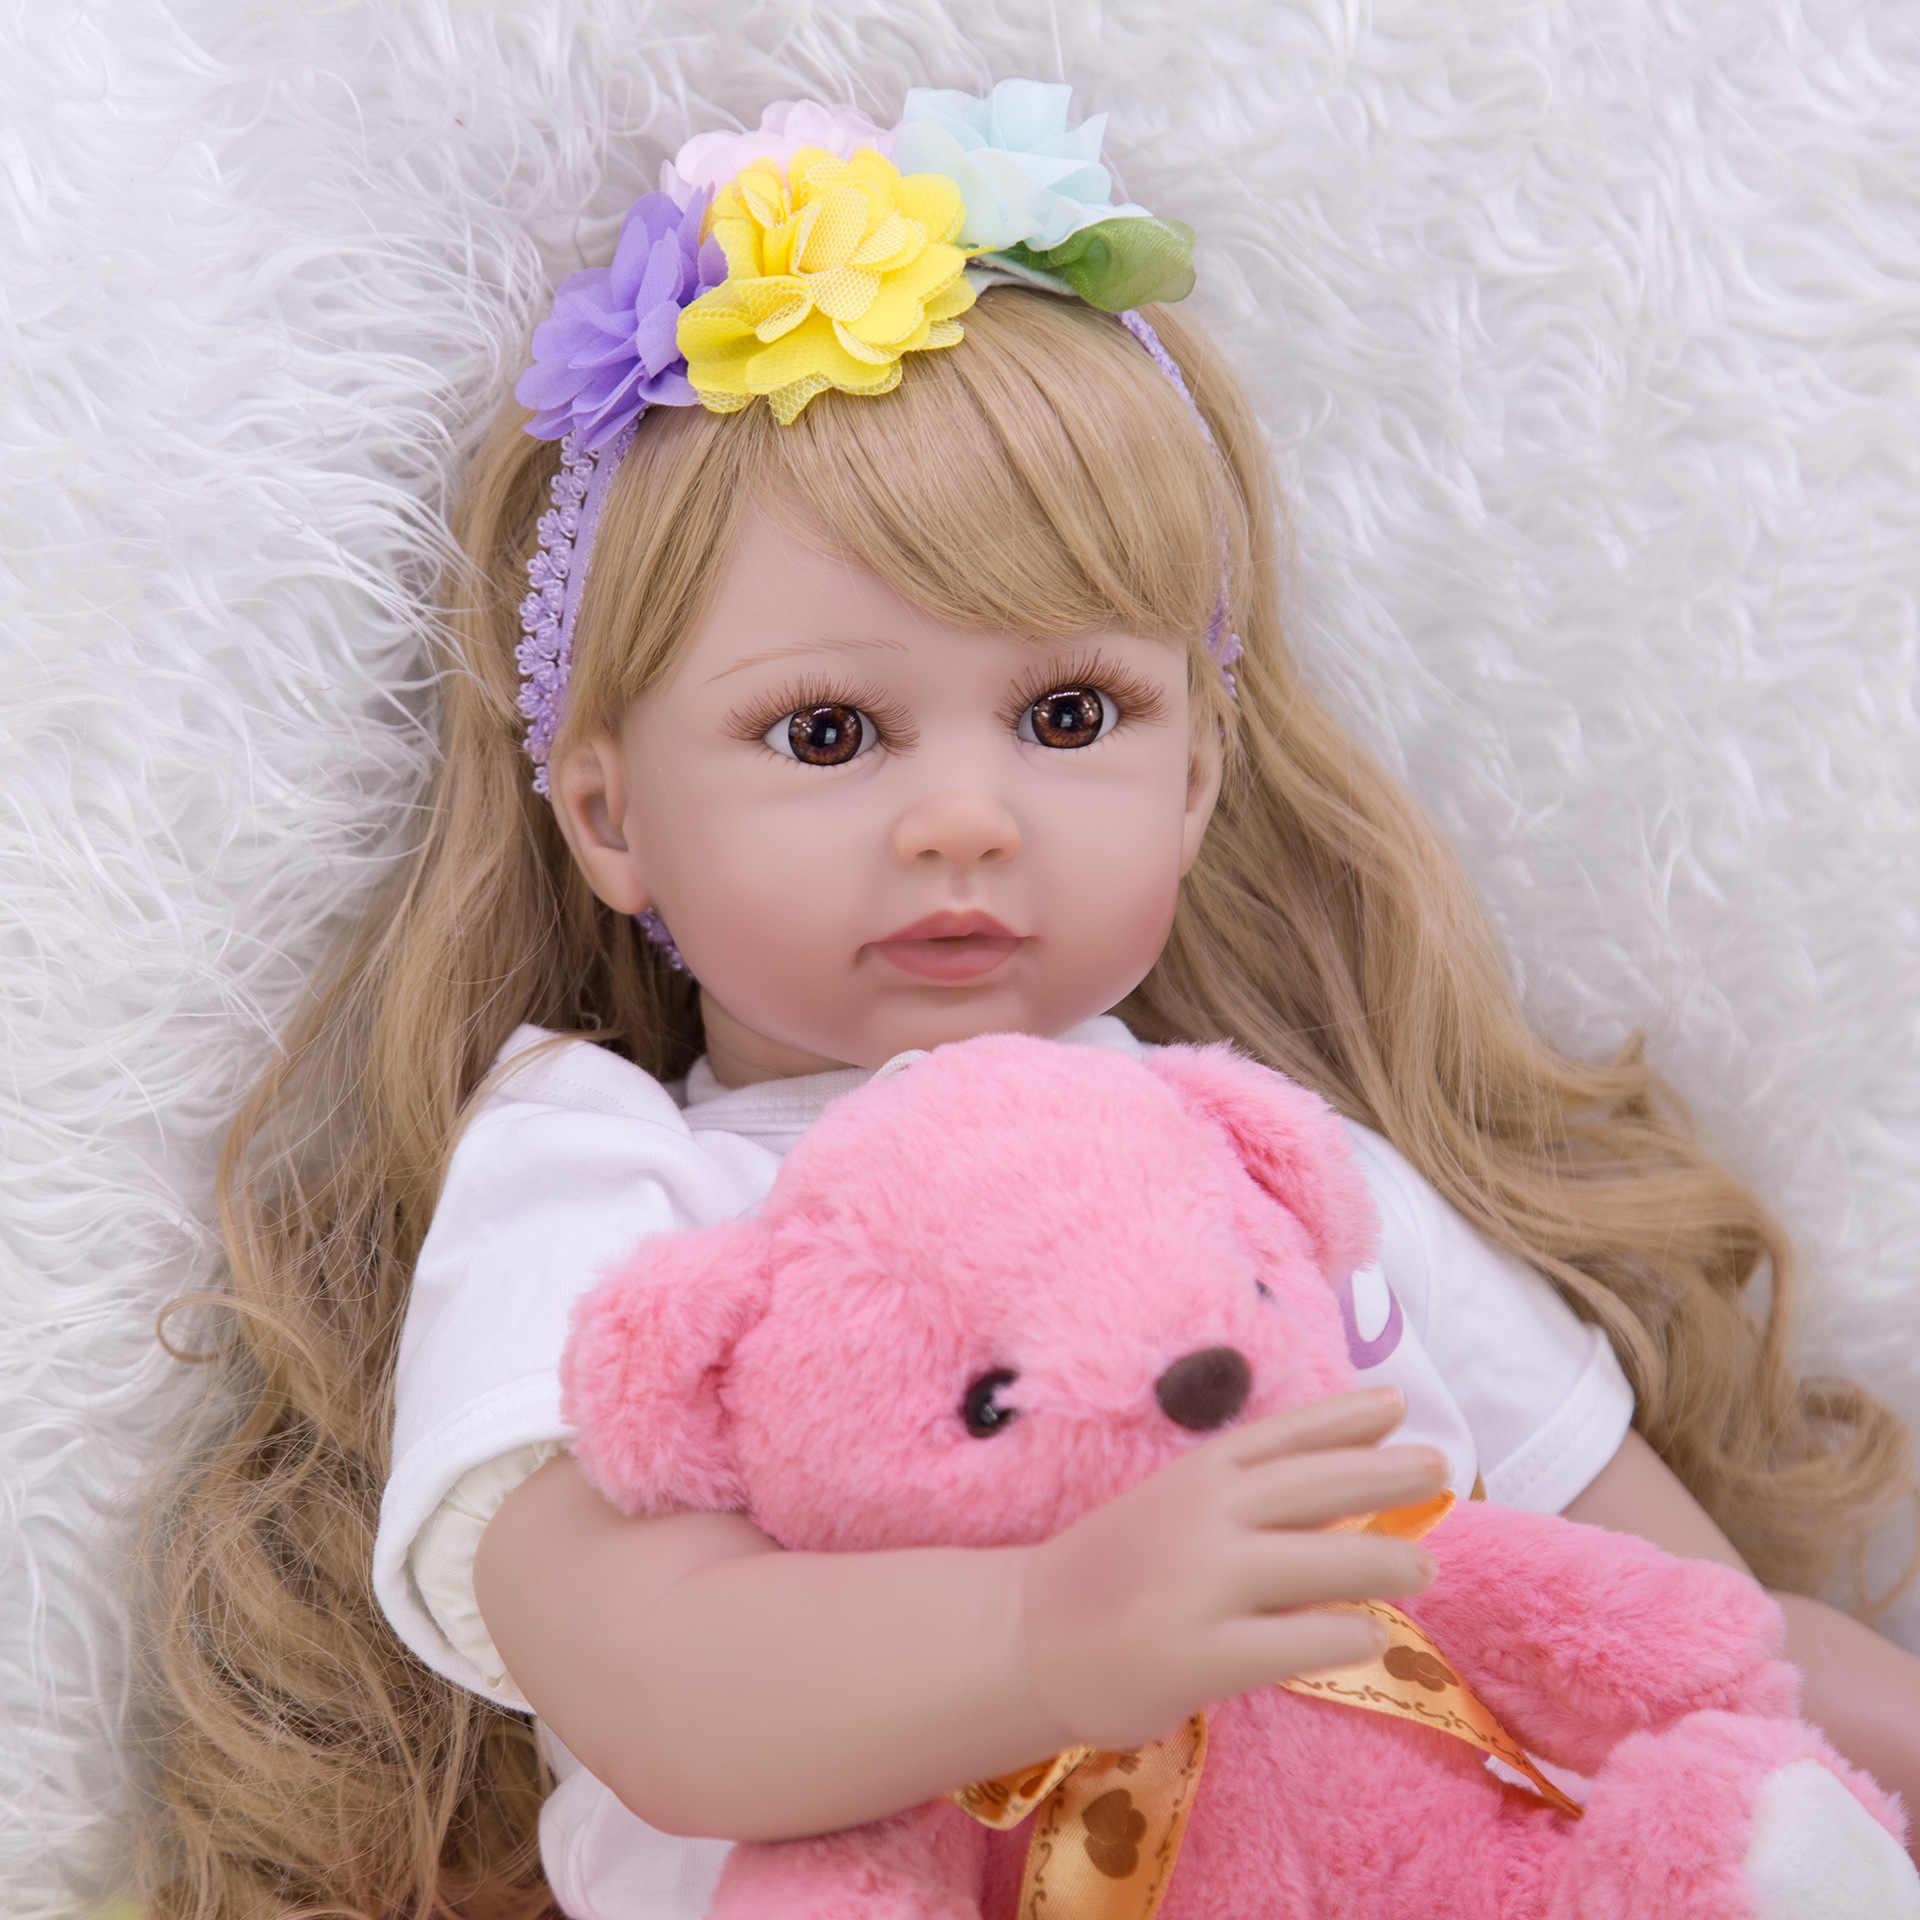 Silicone reborn bebê bonecas 60cm silicone vinil reborn bebê boneca brinquedos para menina crianças macio corpo feito à mão lifelike longo cabelo brinquedo